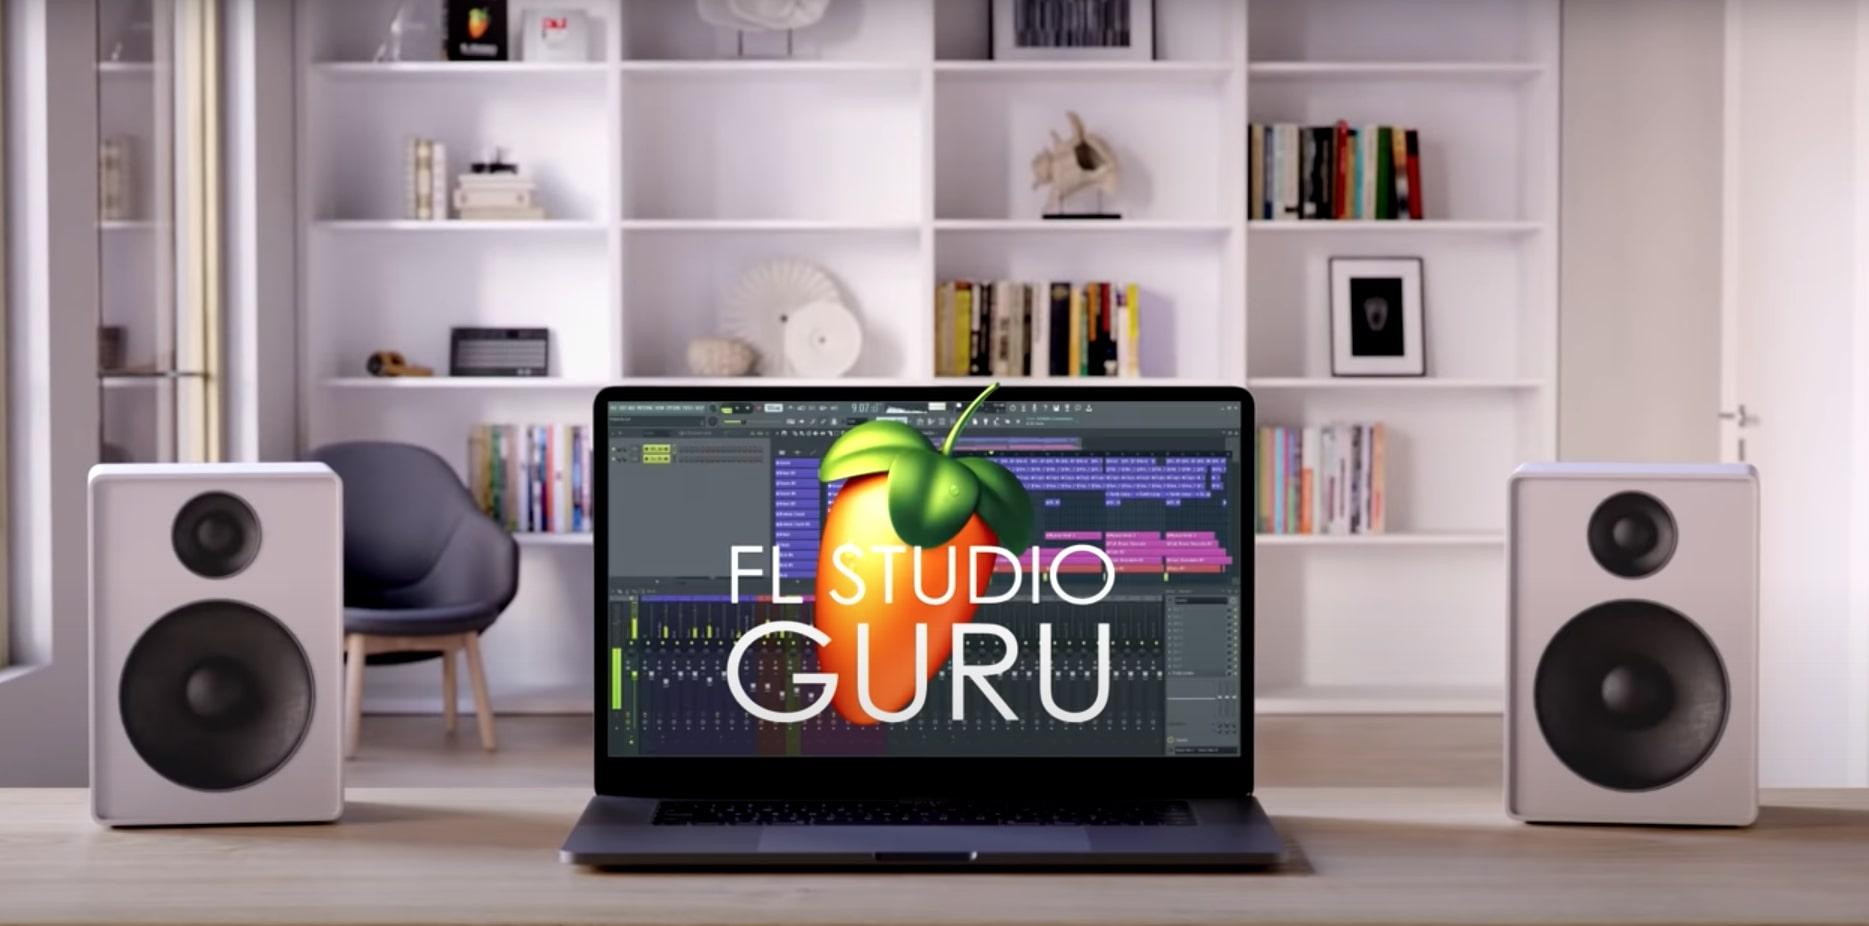 FL STUDIO GURU: Podstawy miksowania